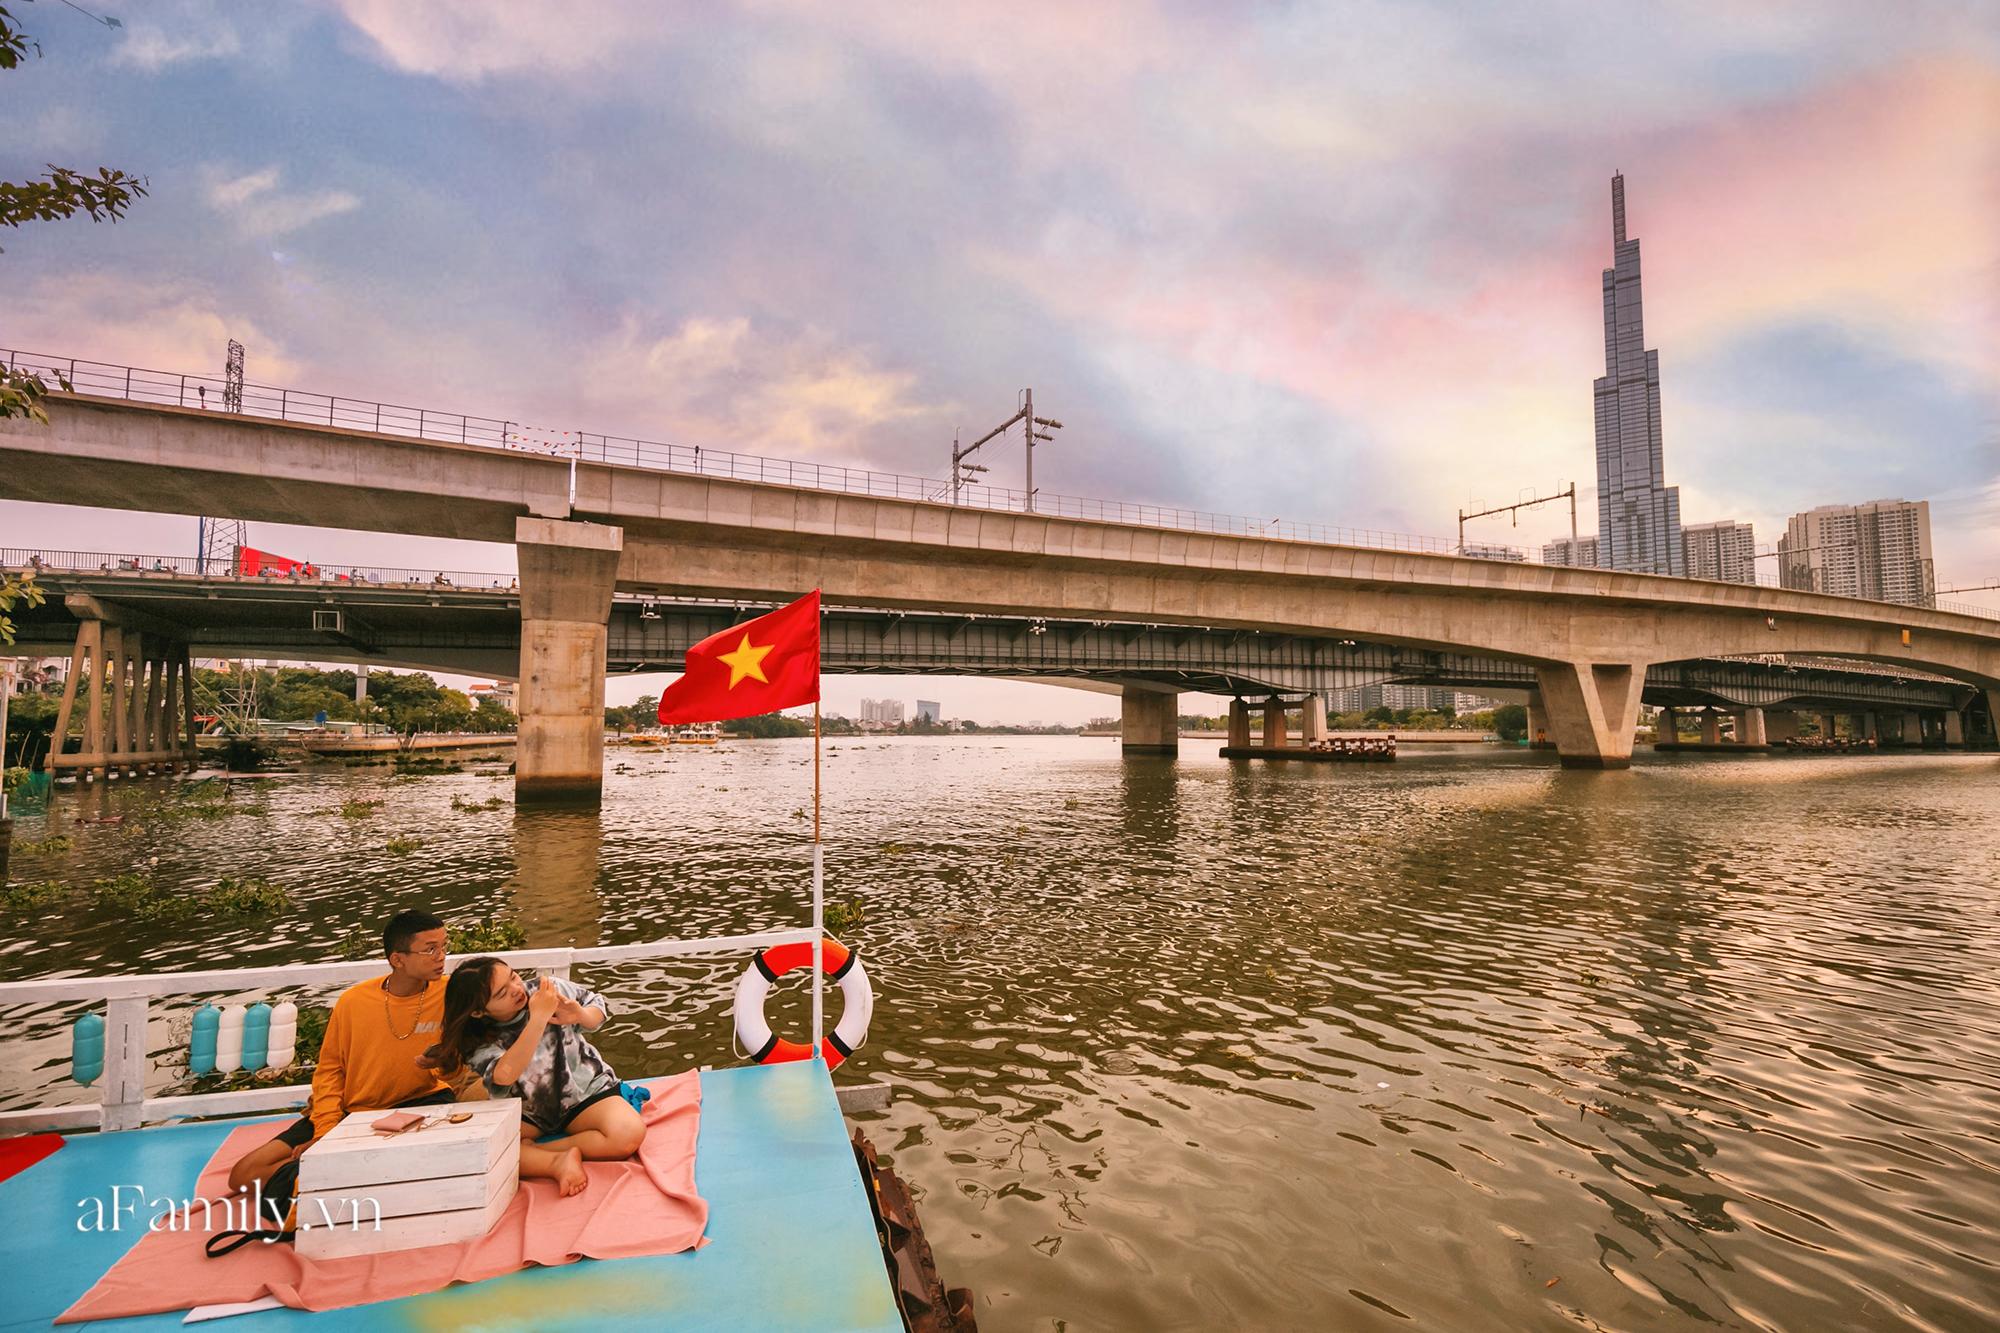 Siêu hot với quán cà phê nổi trên sông Sài Gòn, đón hoàng hôn hay ngắm cảnh đêm đều cực đẹp mà giá cả lại hợp lý, yên tâm chill chẳng sợ hụt hầu bao! - Ảnh 8.